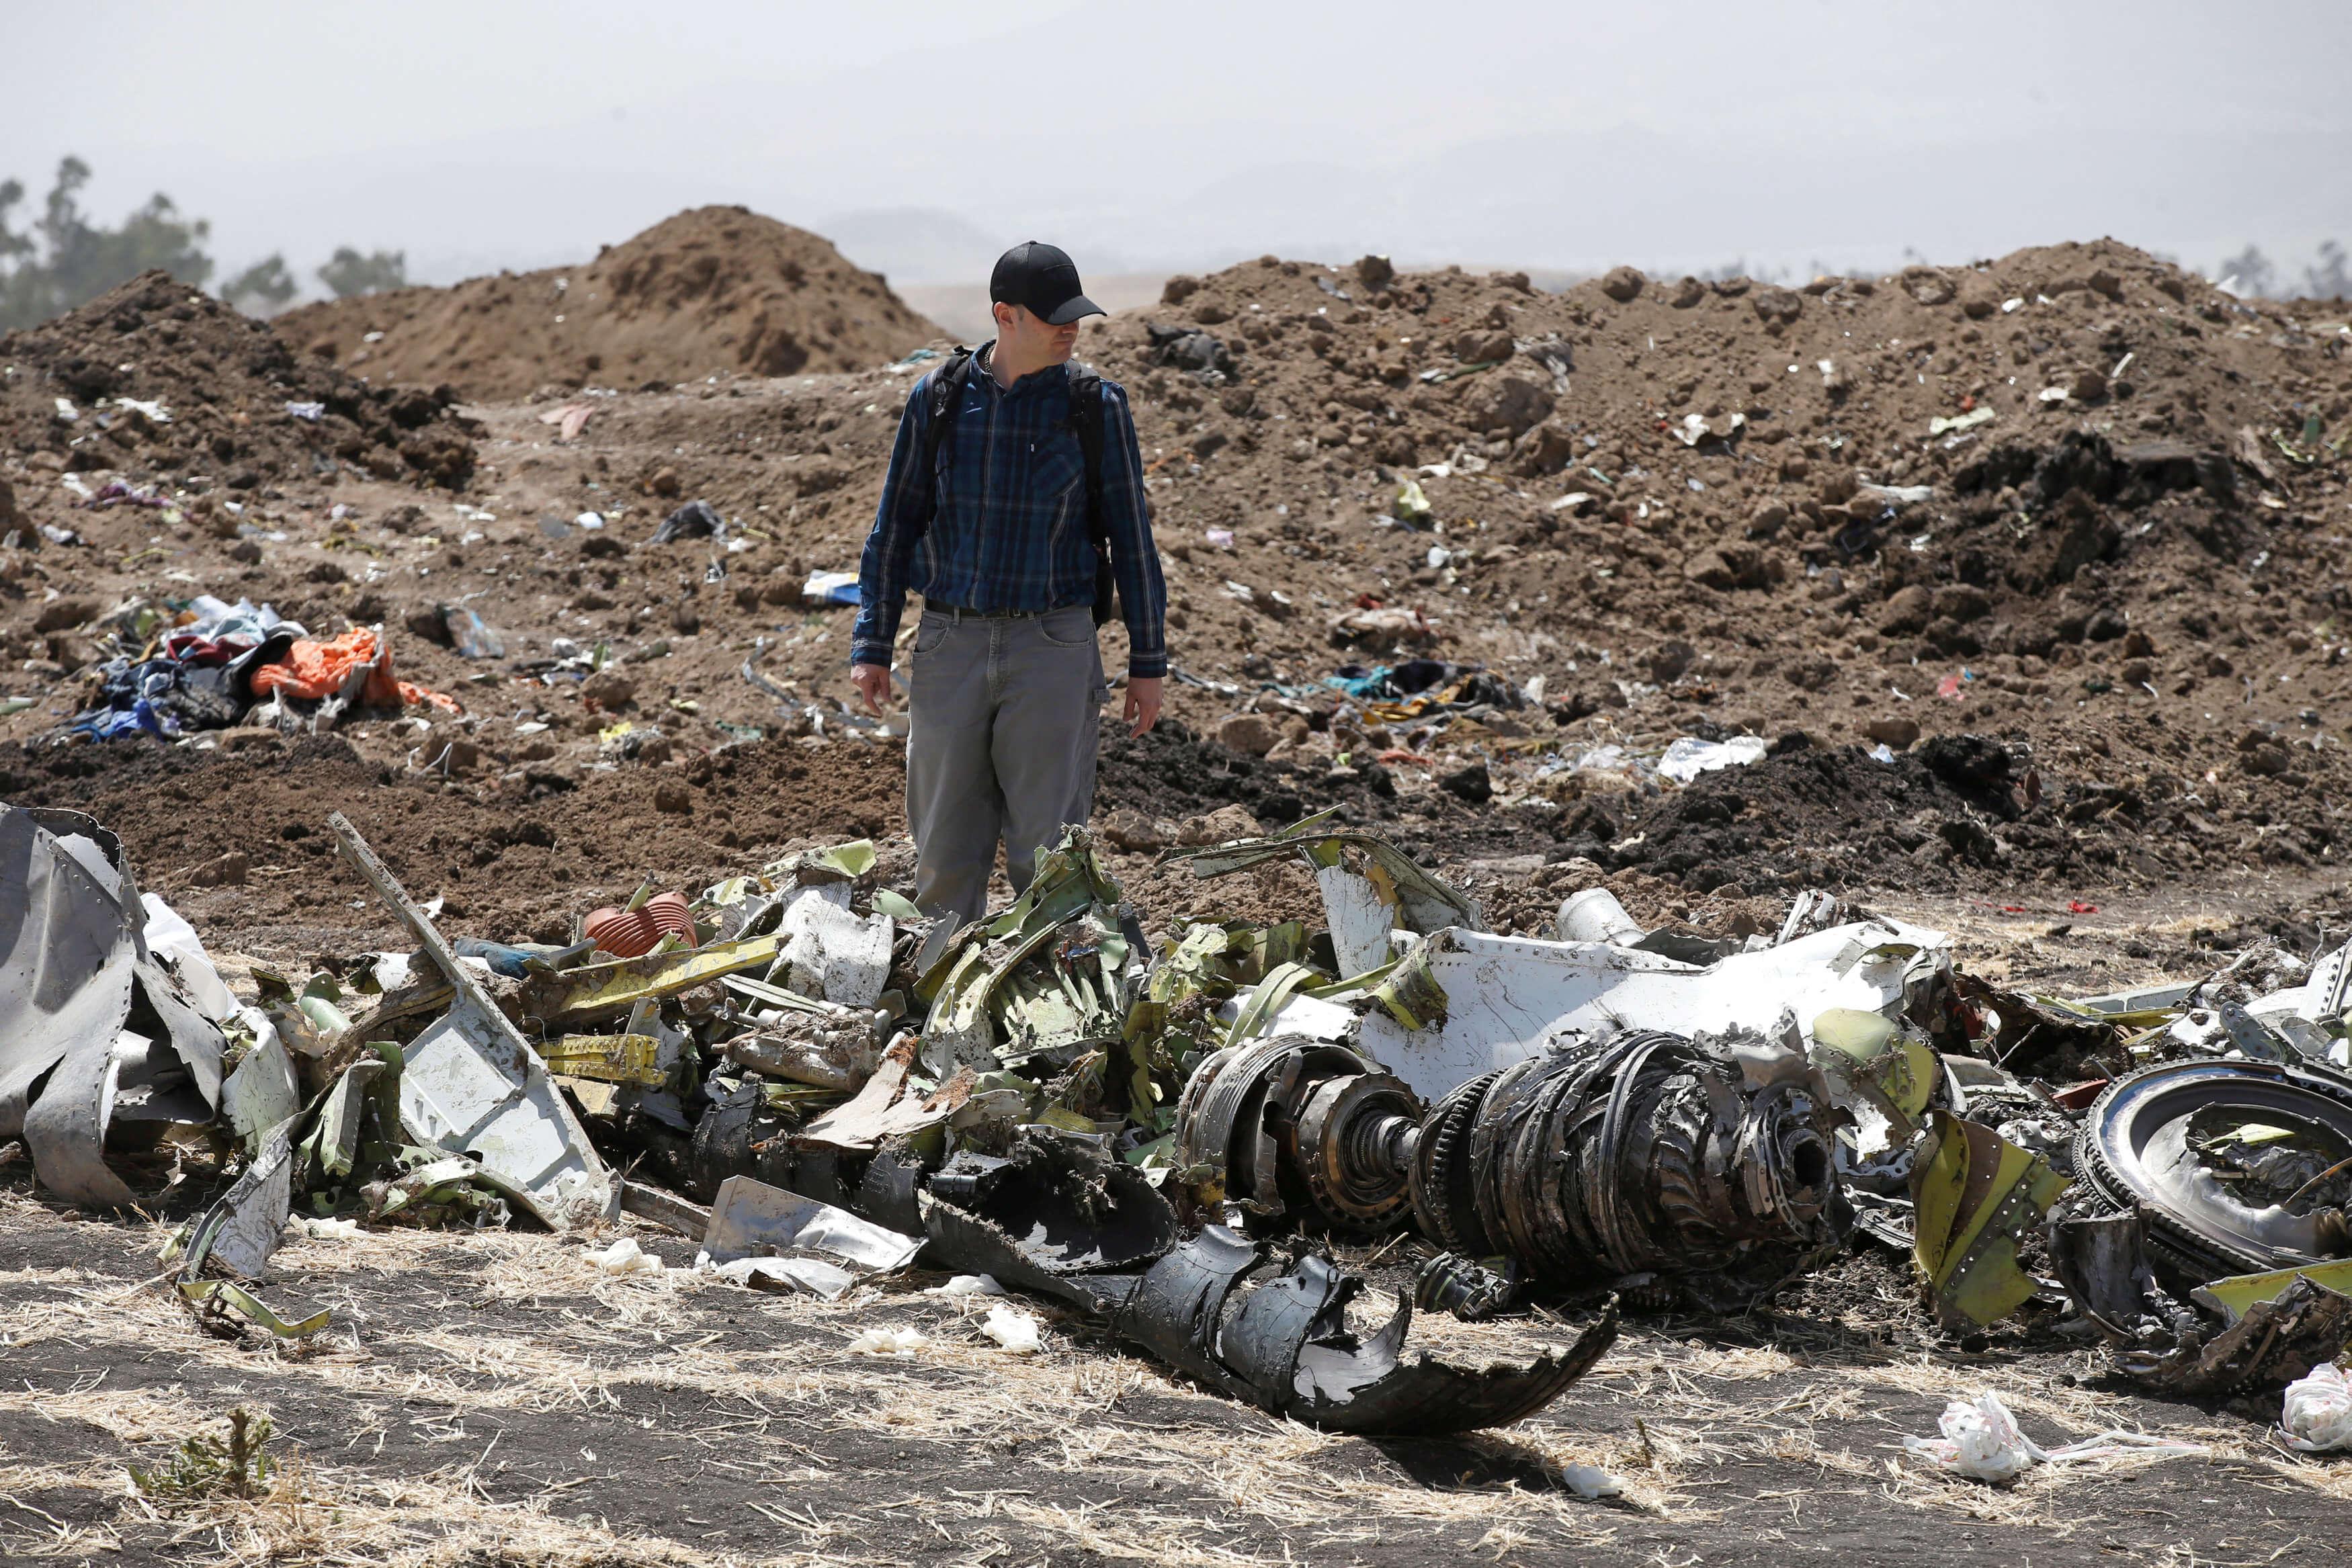 Όλα λάθος... από την αρχή στα Boeing 737 MAX - Τα νέα στοιχεία της έρευνας για τα τραγικά δυστυχήματα